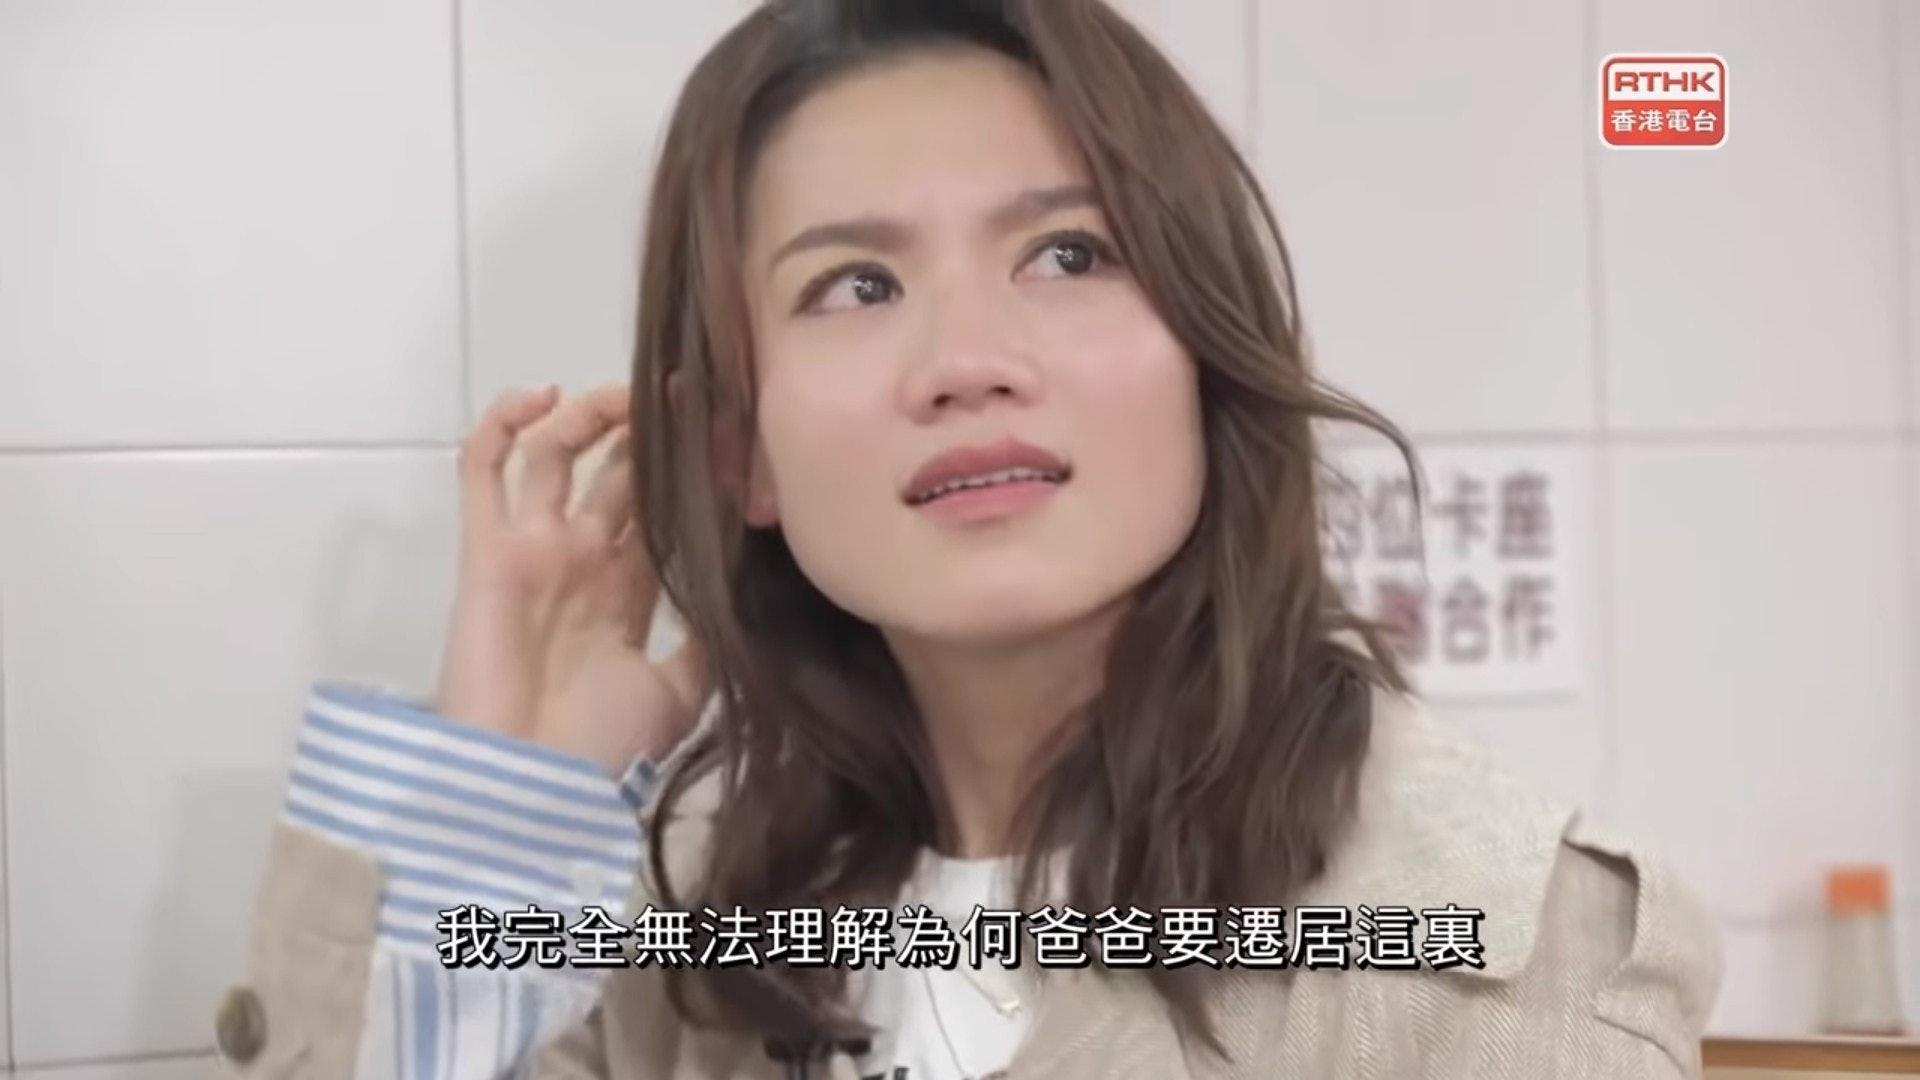 周秀娜在接受其他傳媒訪問時,講到自己爸爸當年移居香港的決定,兒時真是不思不得其解。(螢幕截圖)